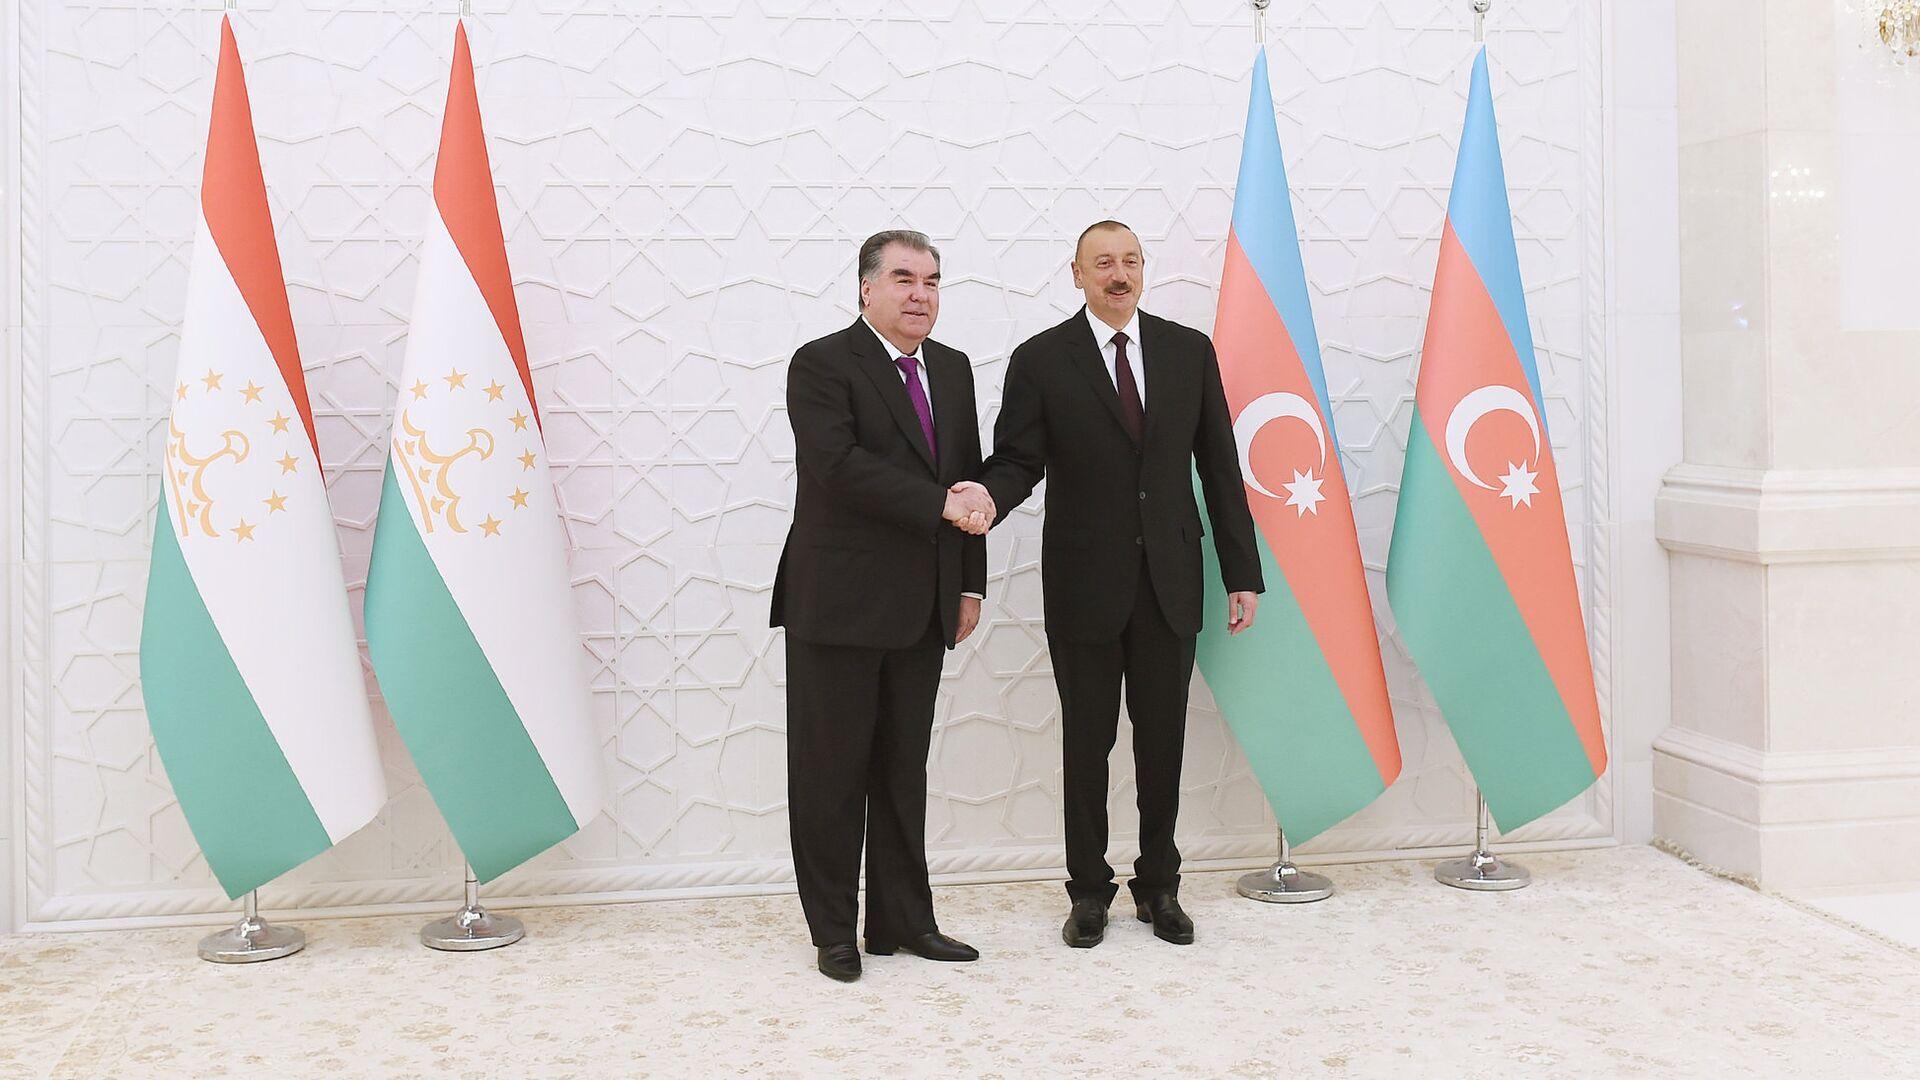 Azərbaycan və Tacikistan prezidentləri İlham Əliyev və Emoməli Rəhmon. Bakı, 10 avqust 2018-ci il - Sputnik Azərbaycan, 1920, 05.10.2021